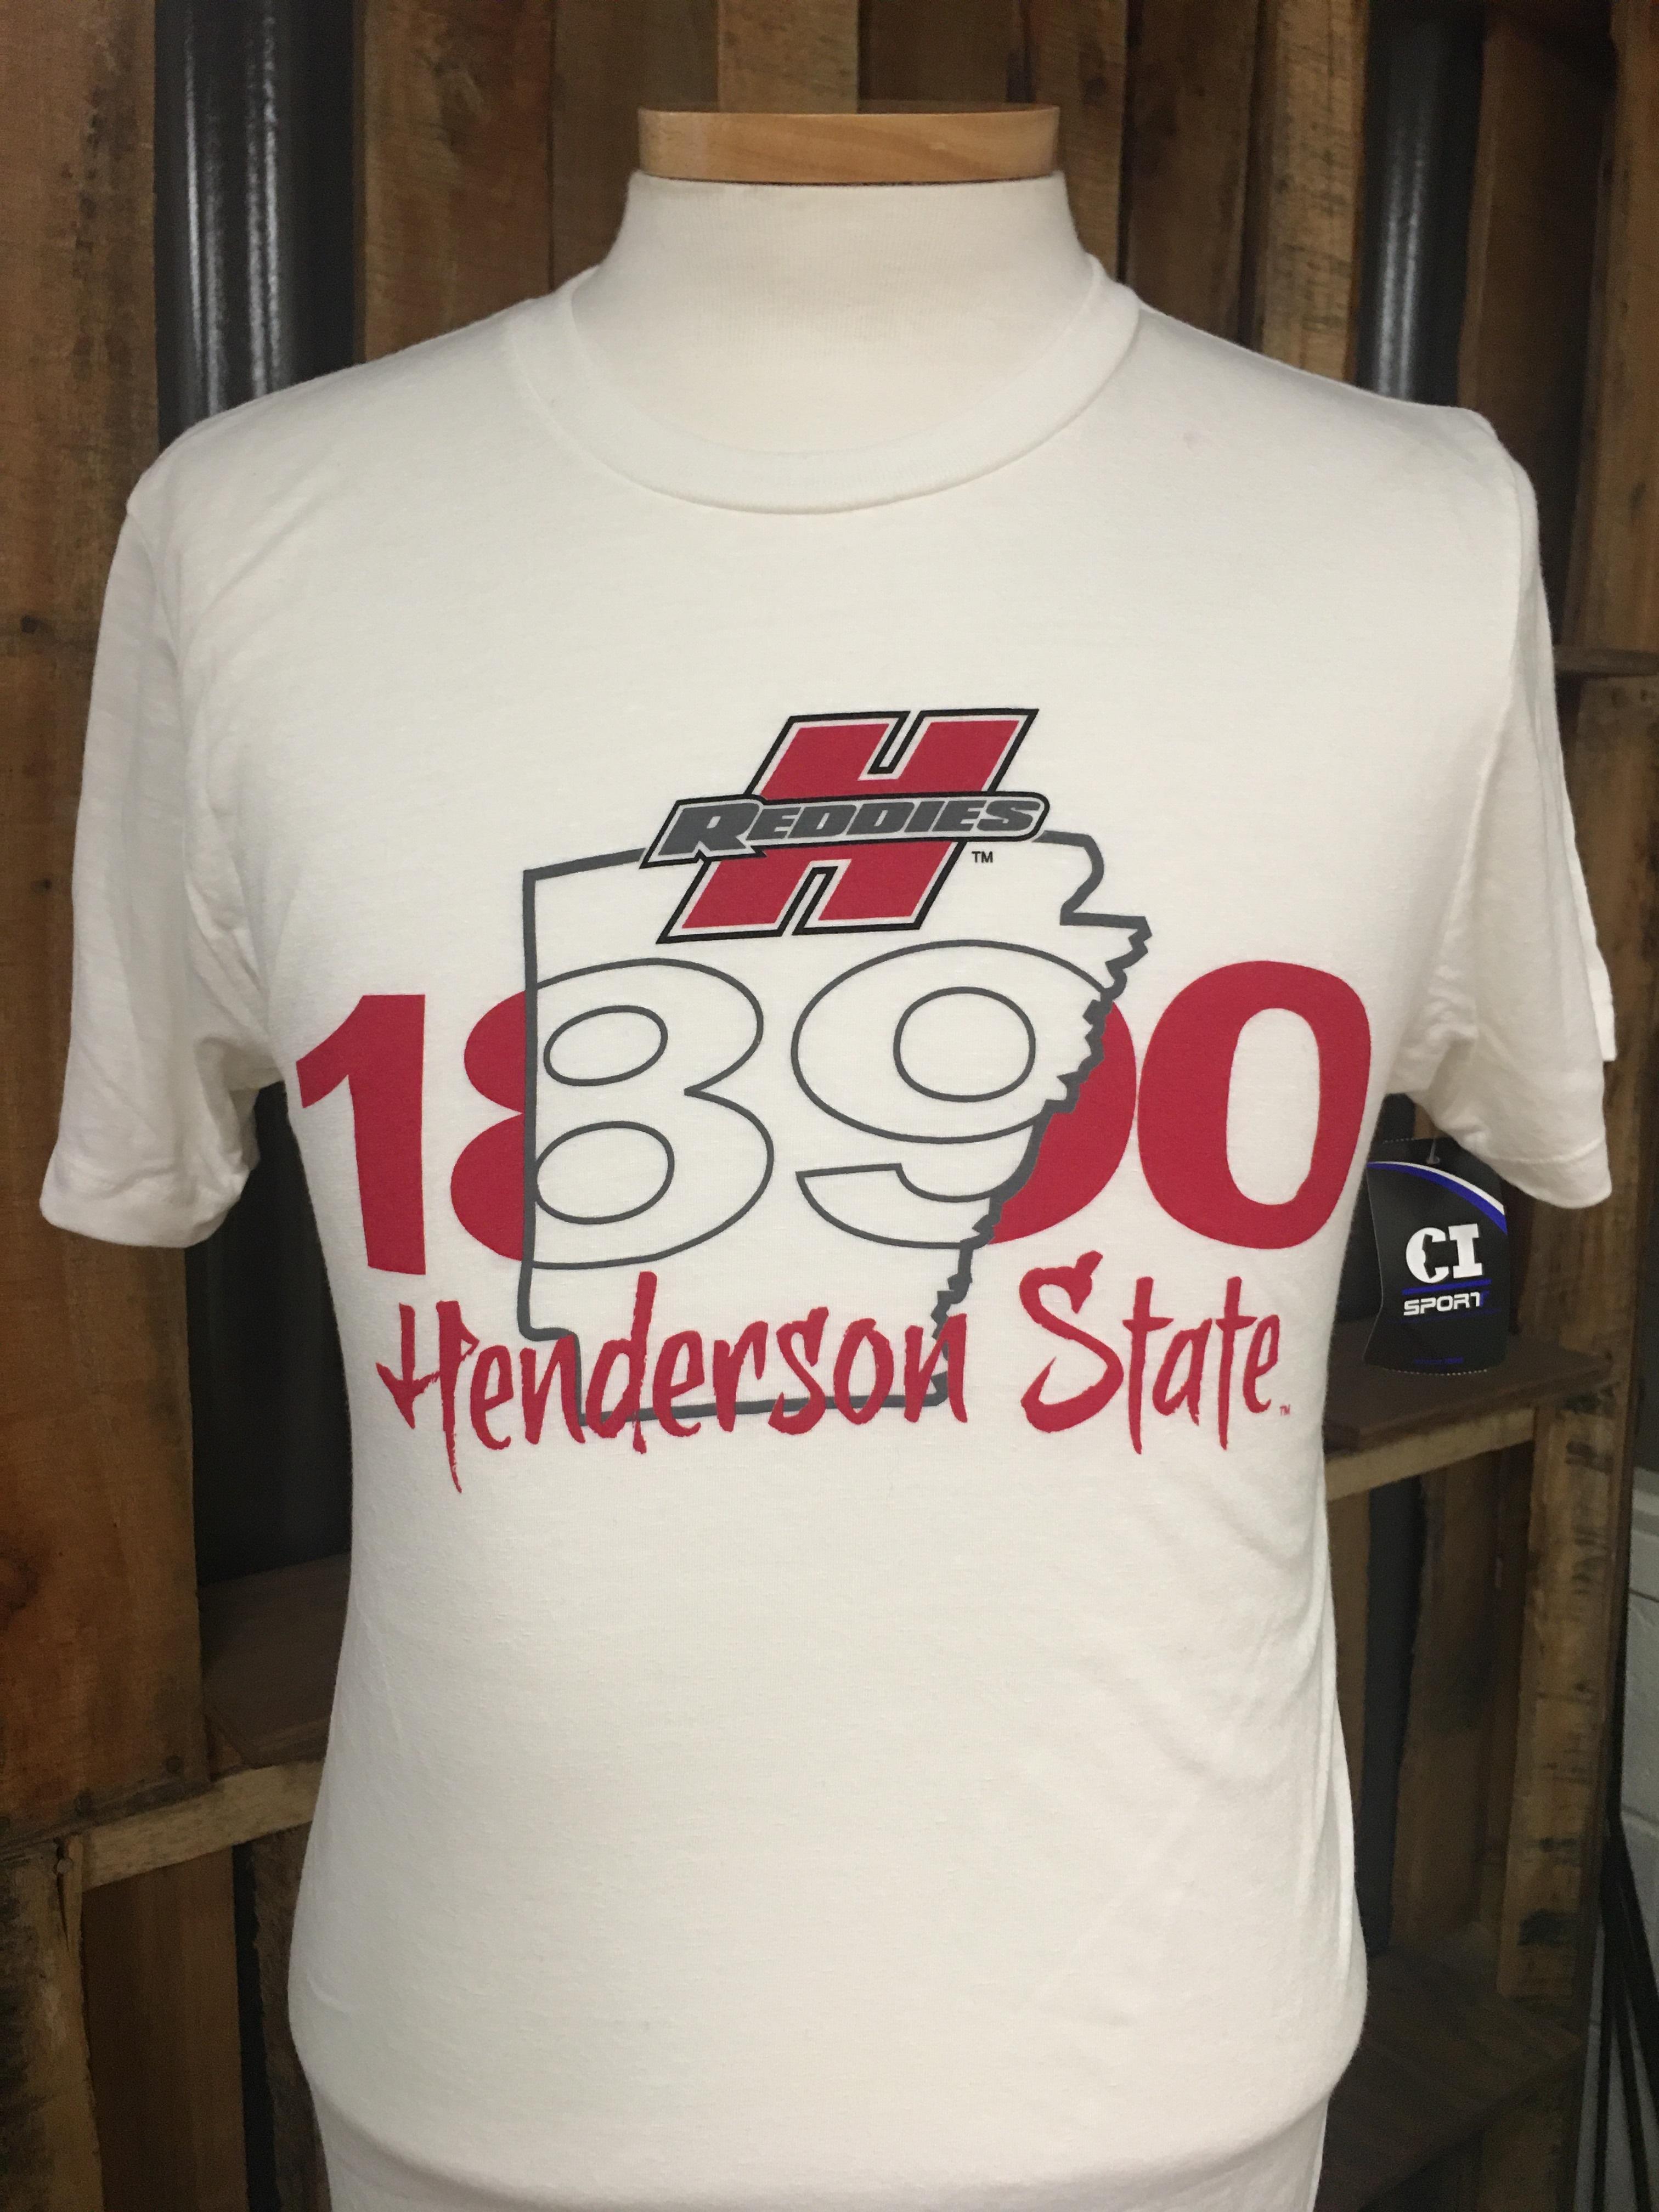 Henderson State Reddies 1890 Erosion Short Sleeve Tee